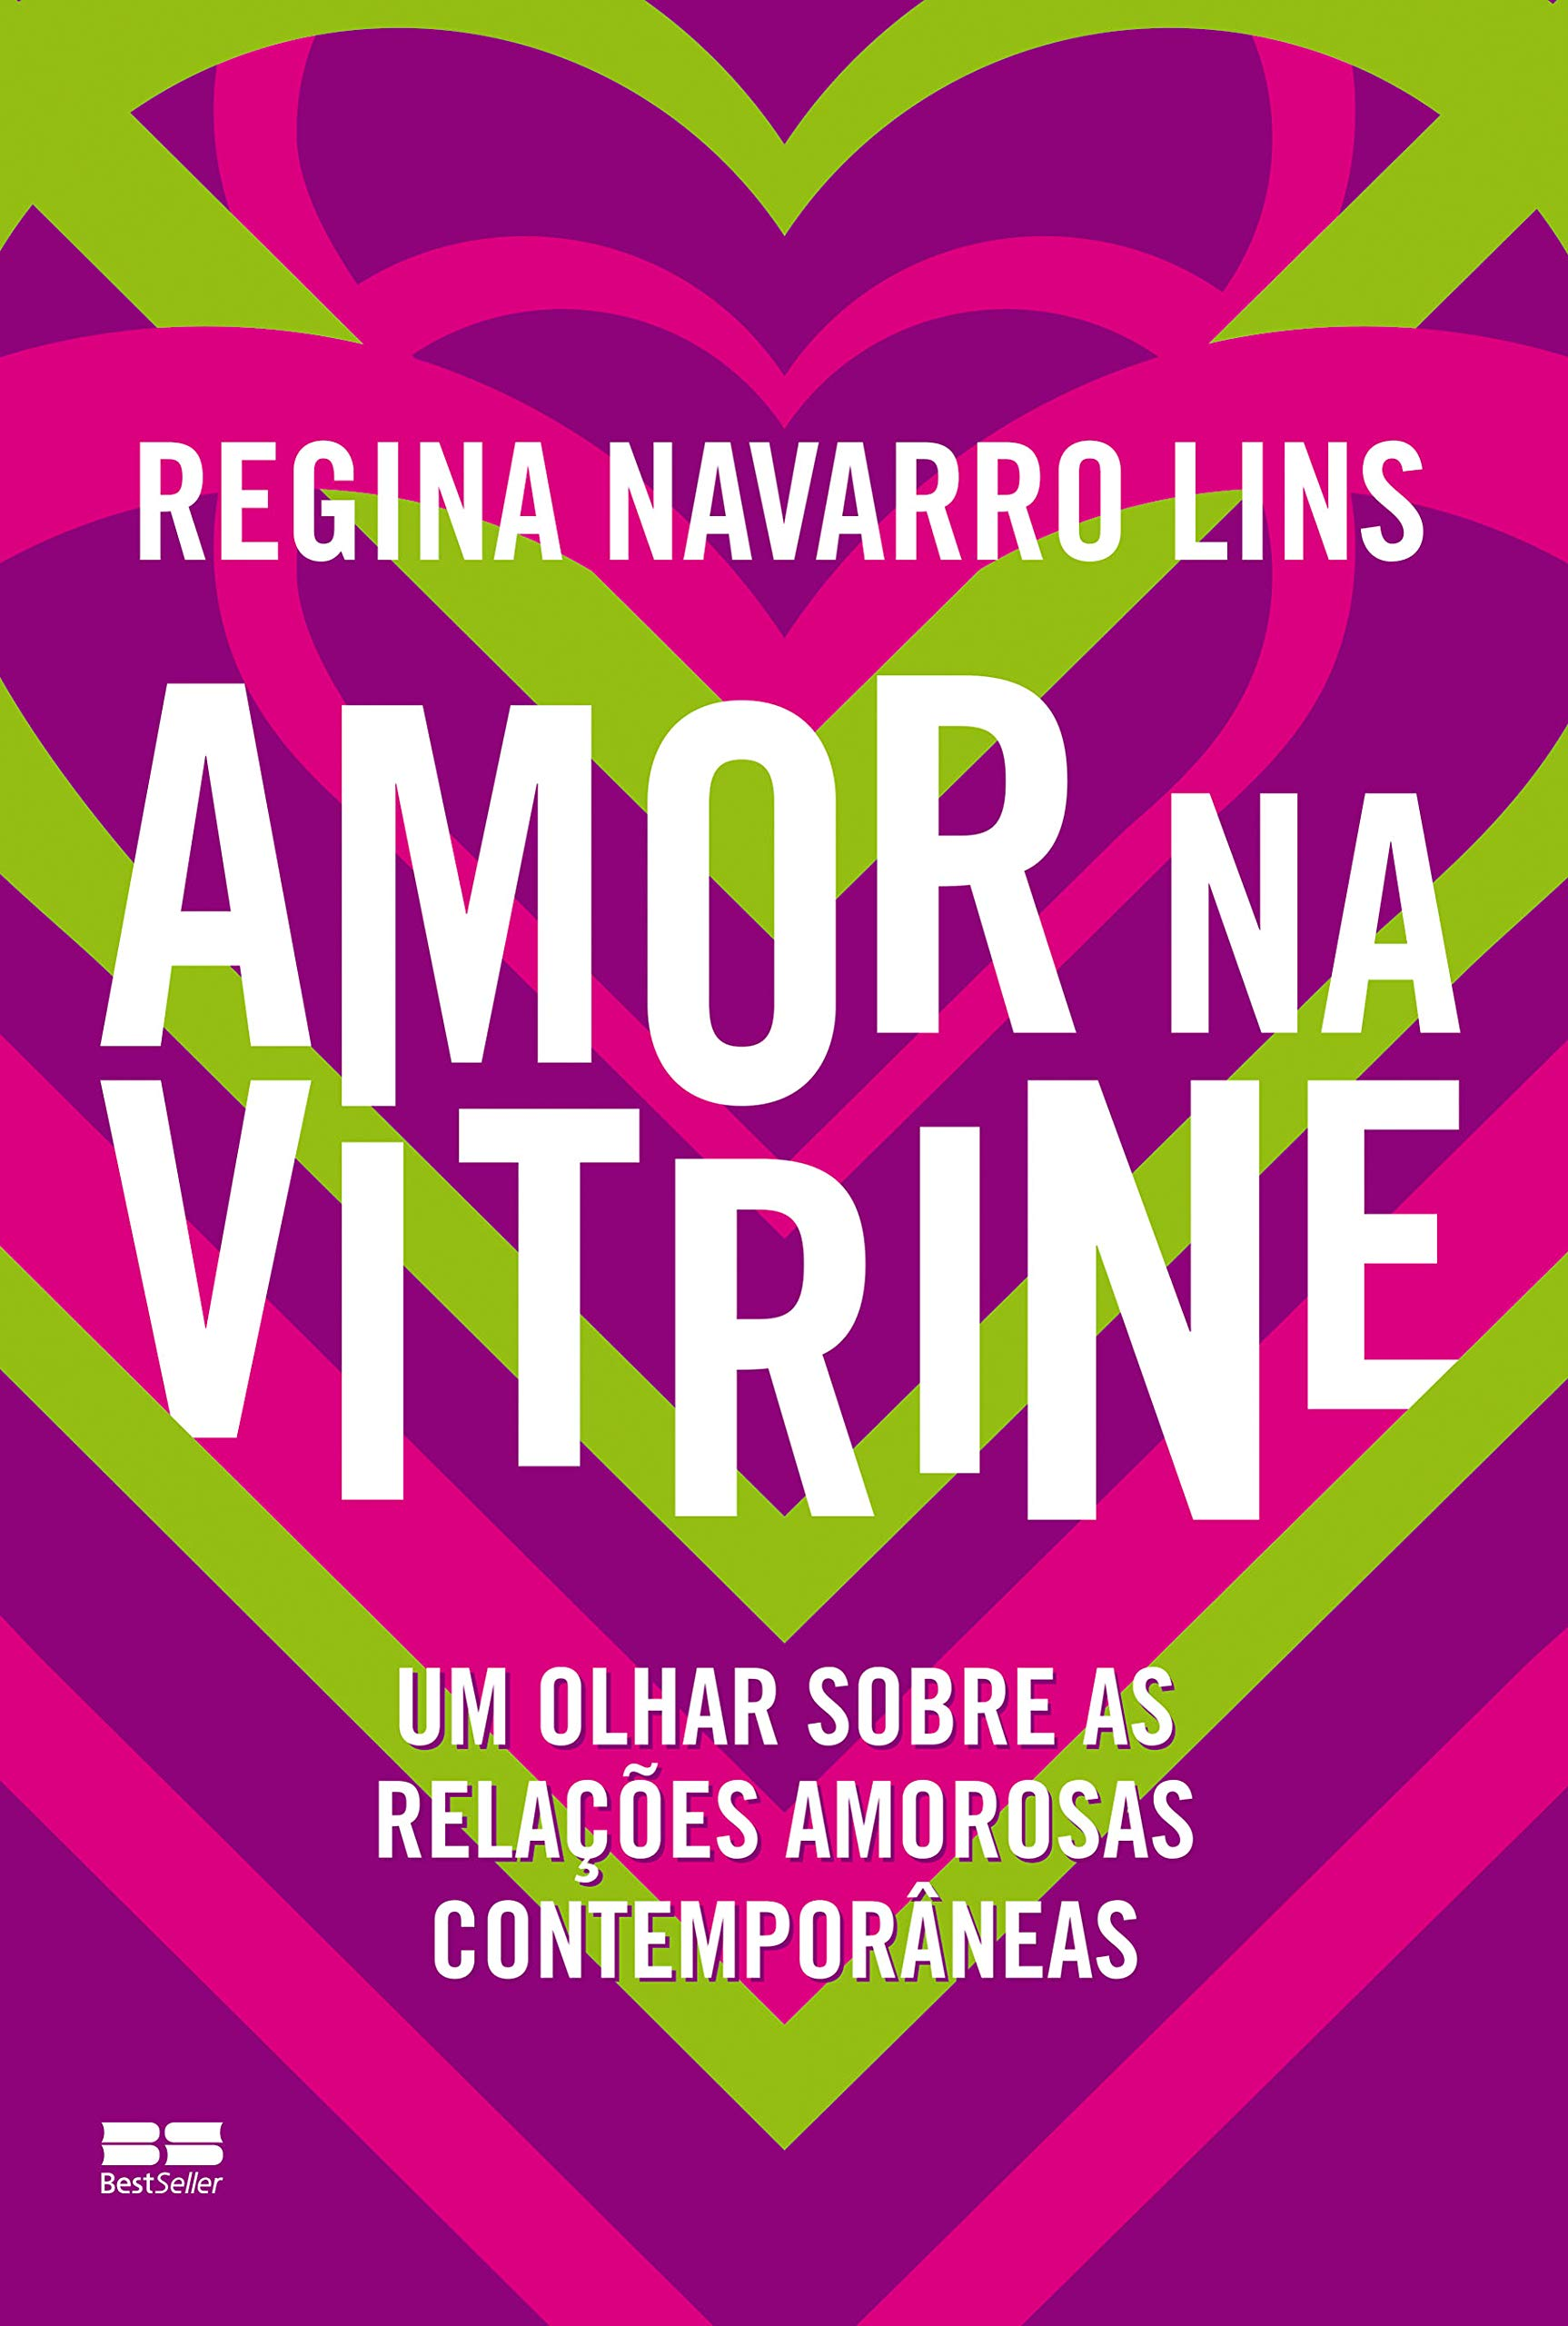 Capa do livro Amor na vitrine (Foto: Divulgação)